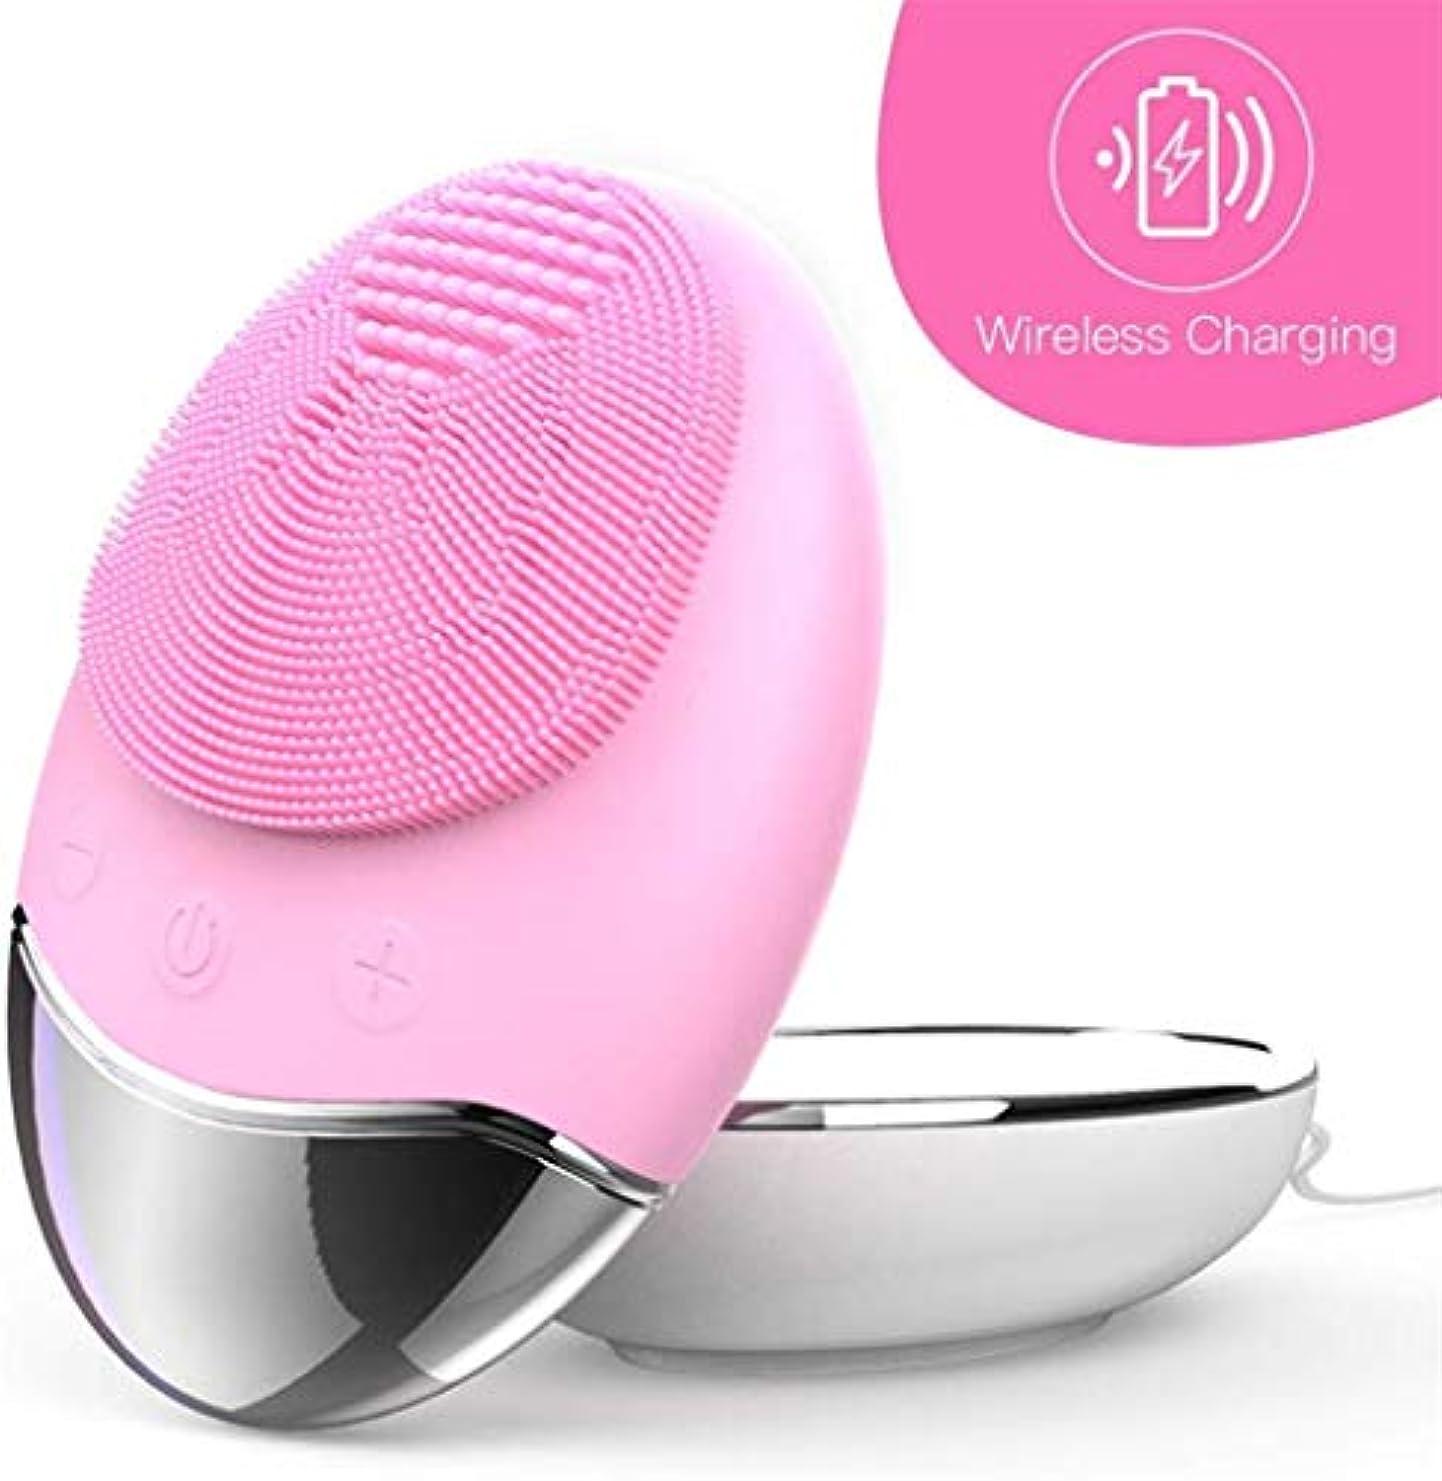 キャプテンブライ期間連帯オールスキンタイプの充電式用シリコーン洗顔ブラシ、ブラシシリコーンエクスフォリエイティングフェイススクラブブラシマッサージャー3-IN-1エレクトリックフェイス、